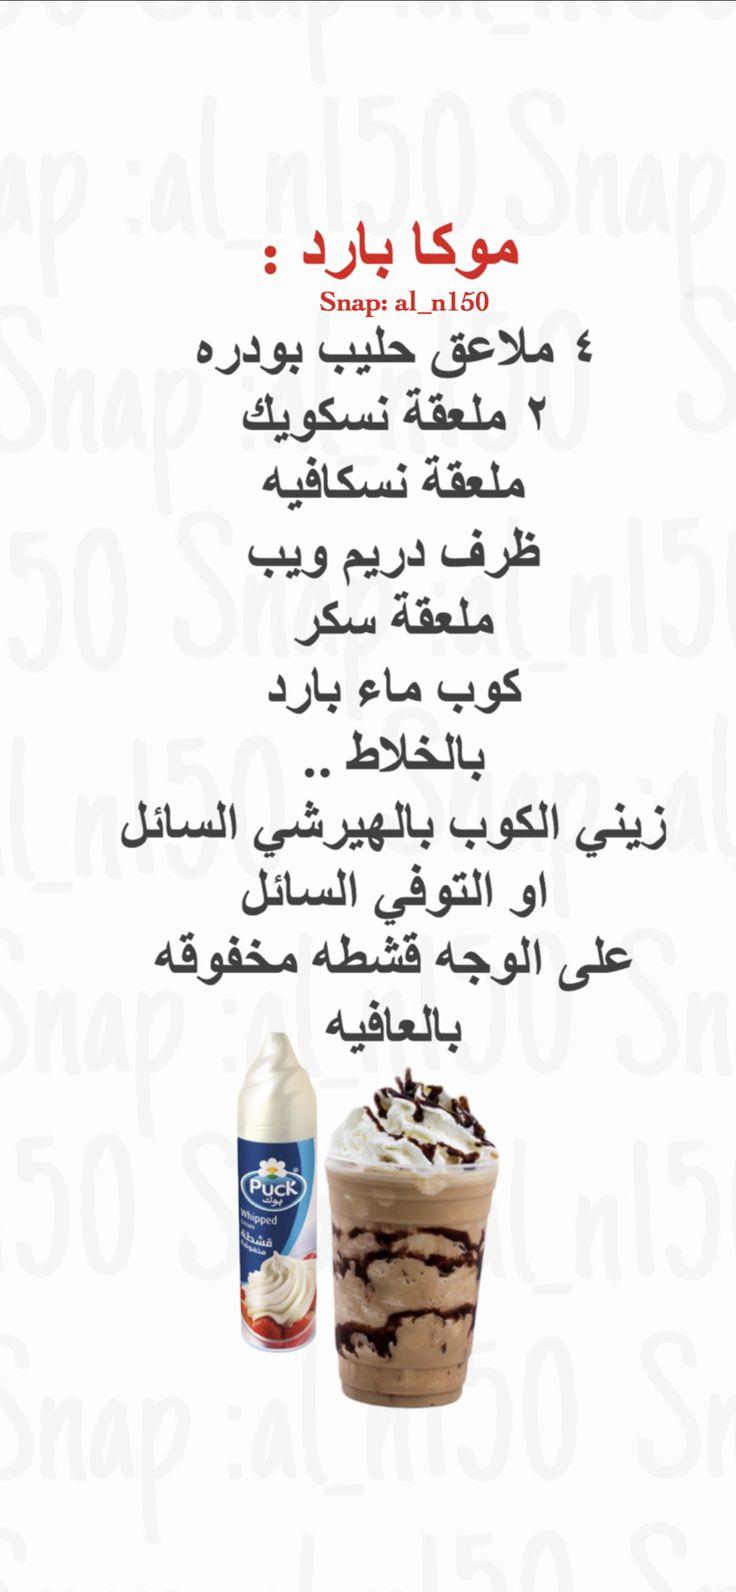 موكا موكا بارد Coffee Drink Recipes Yummy Food Dessert Save Food